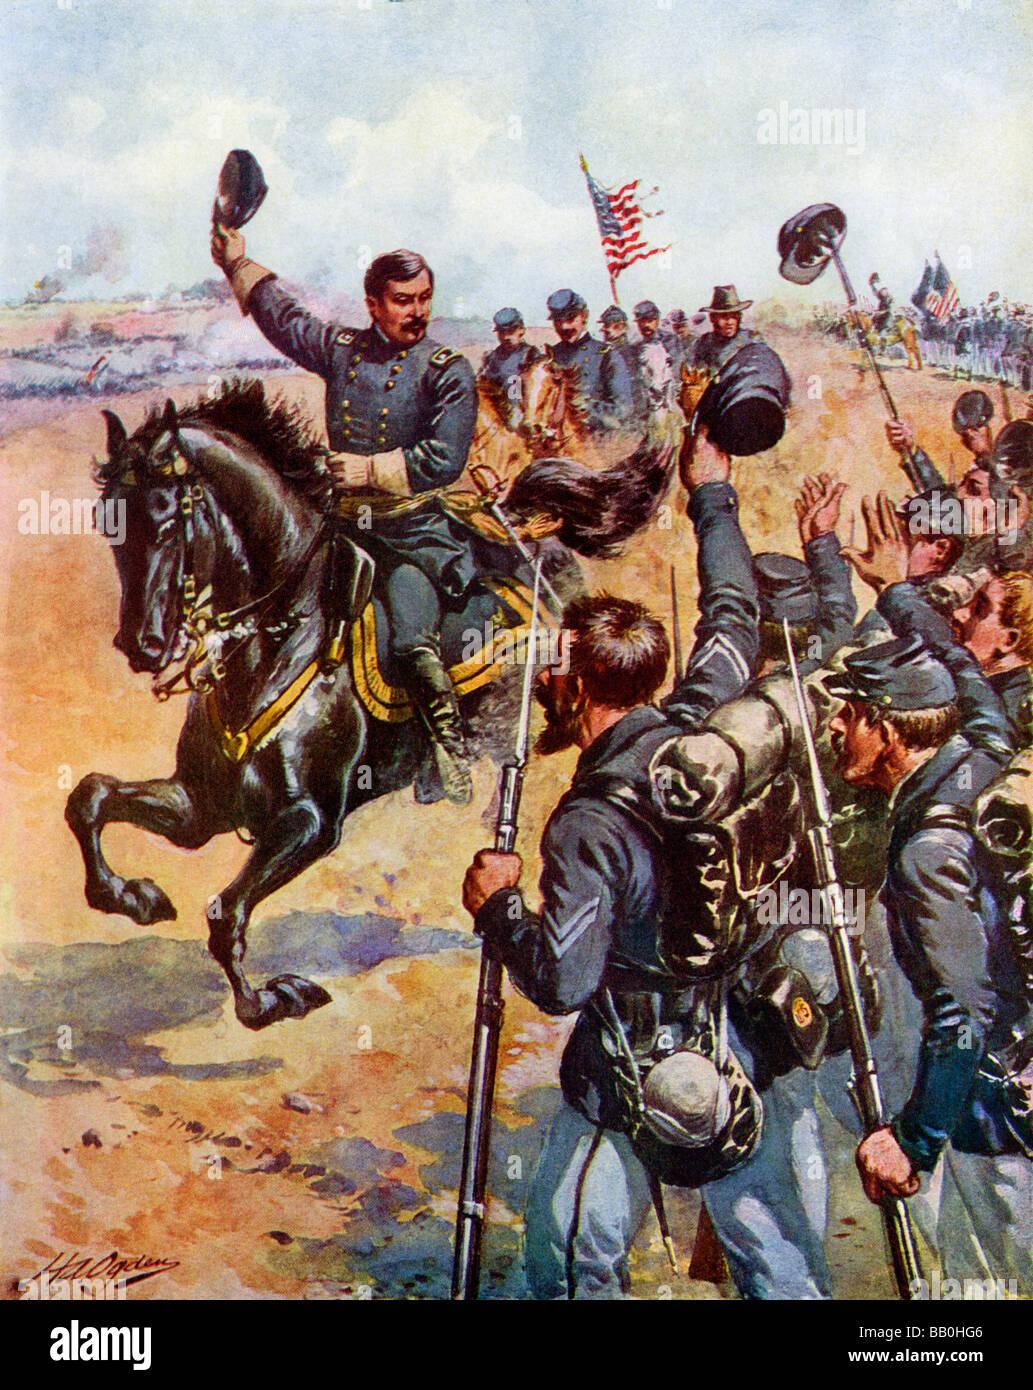 General McClellan Förderung Union Truppen in der Schlacht von Antietam 1862. Farblithographie Stockbild